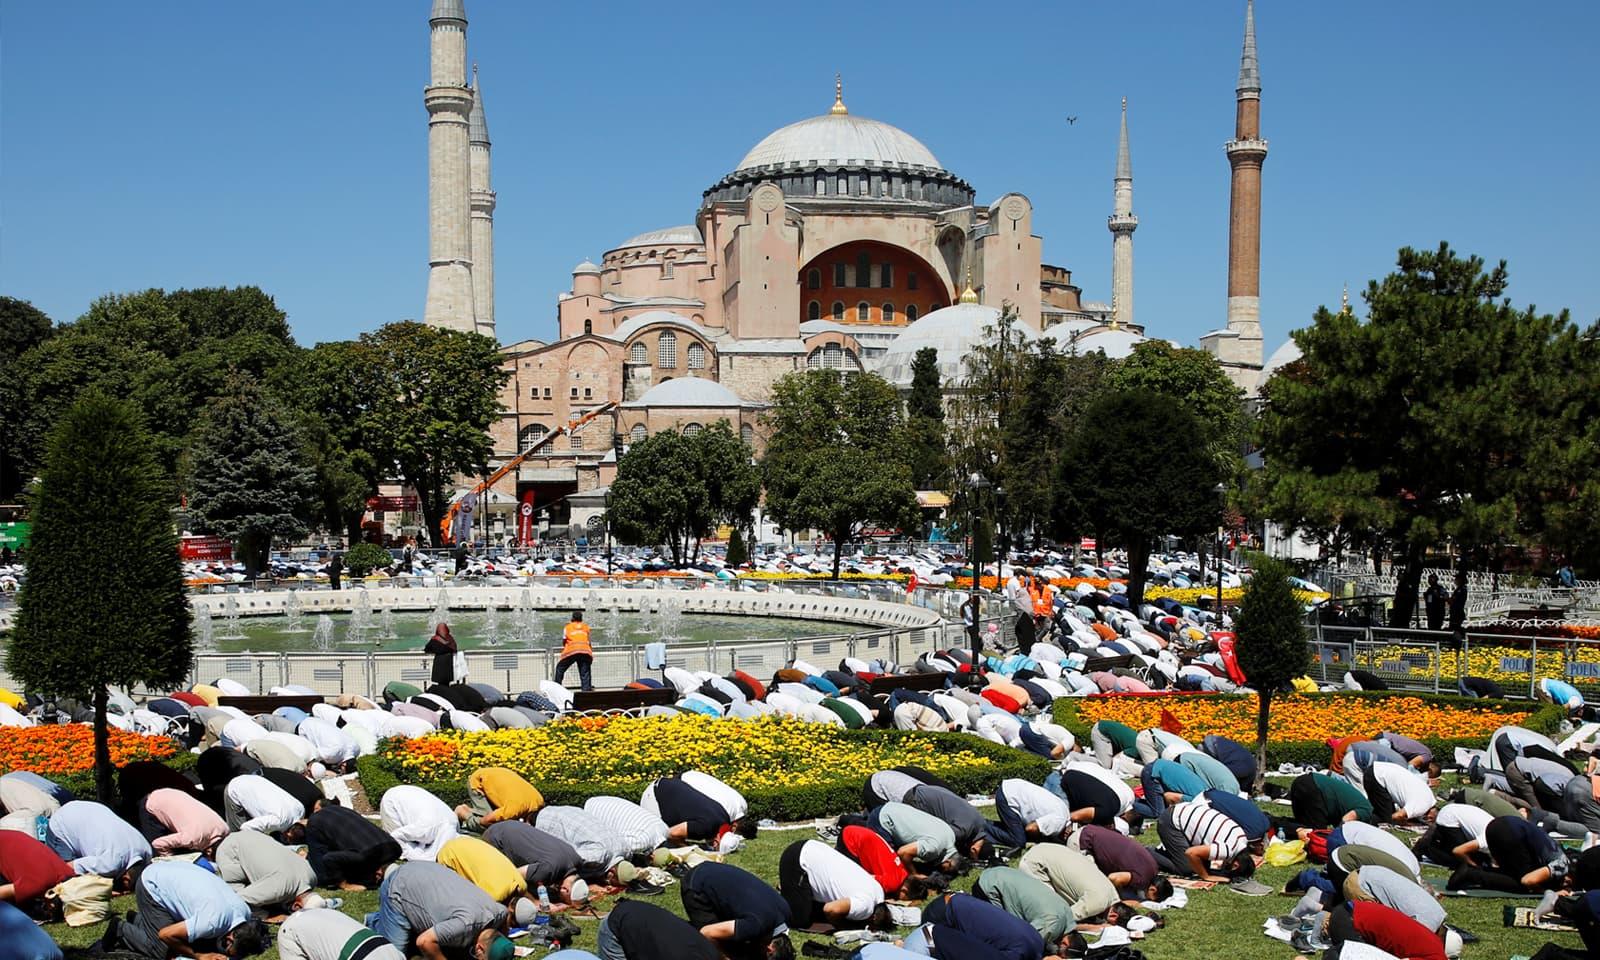 86  سال بعد 24 جولائی کو آیا صوفیہ مسجد میں نماز جمعہ کی ادائیگی کے لیے ہزاروں افراد جمع ہوئے— فوٹو:رائٹرز